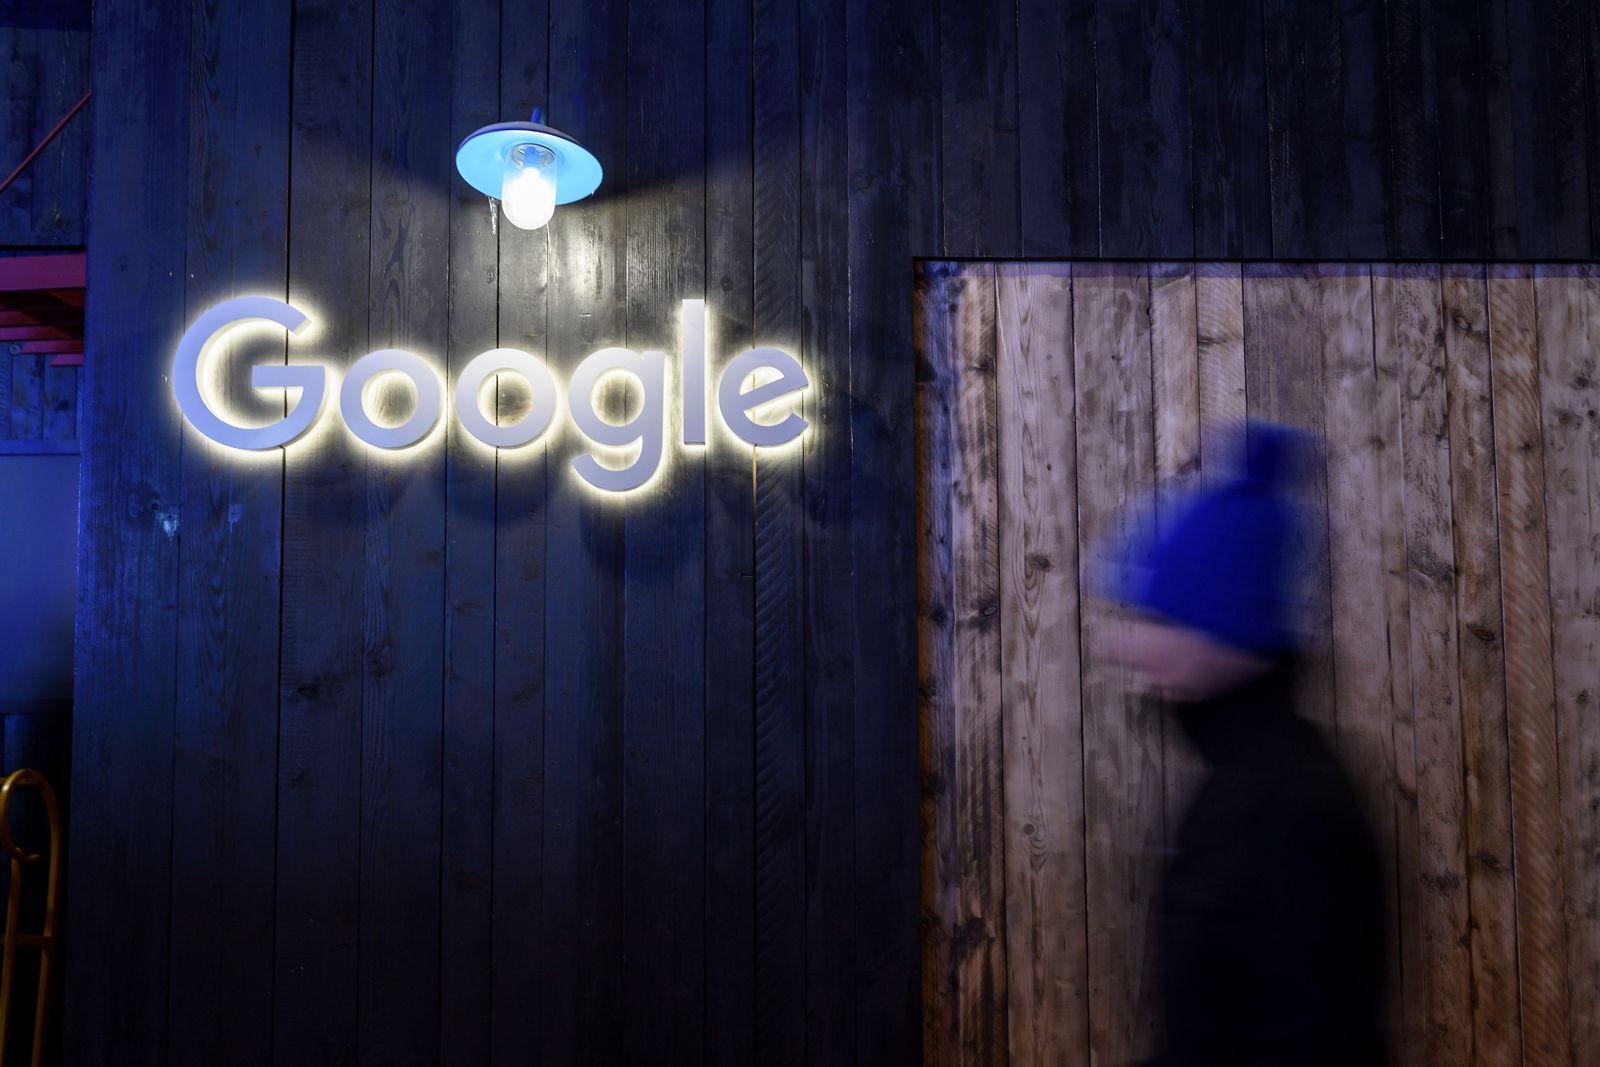 Google / Logo / Bretterwand